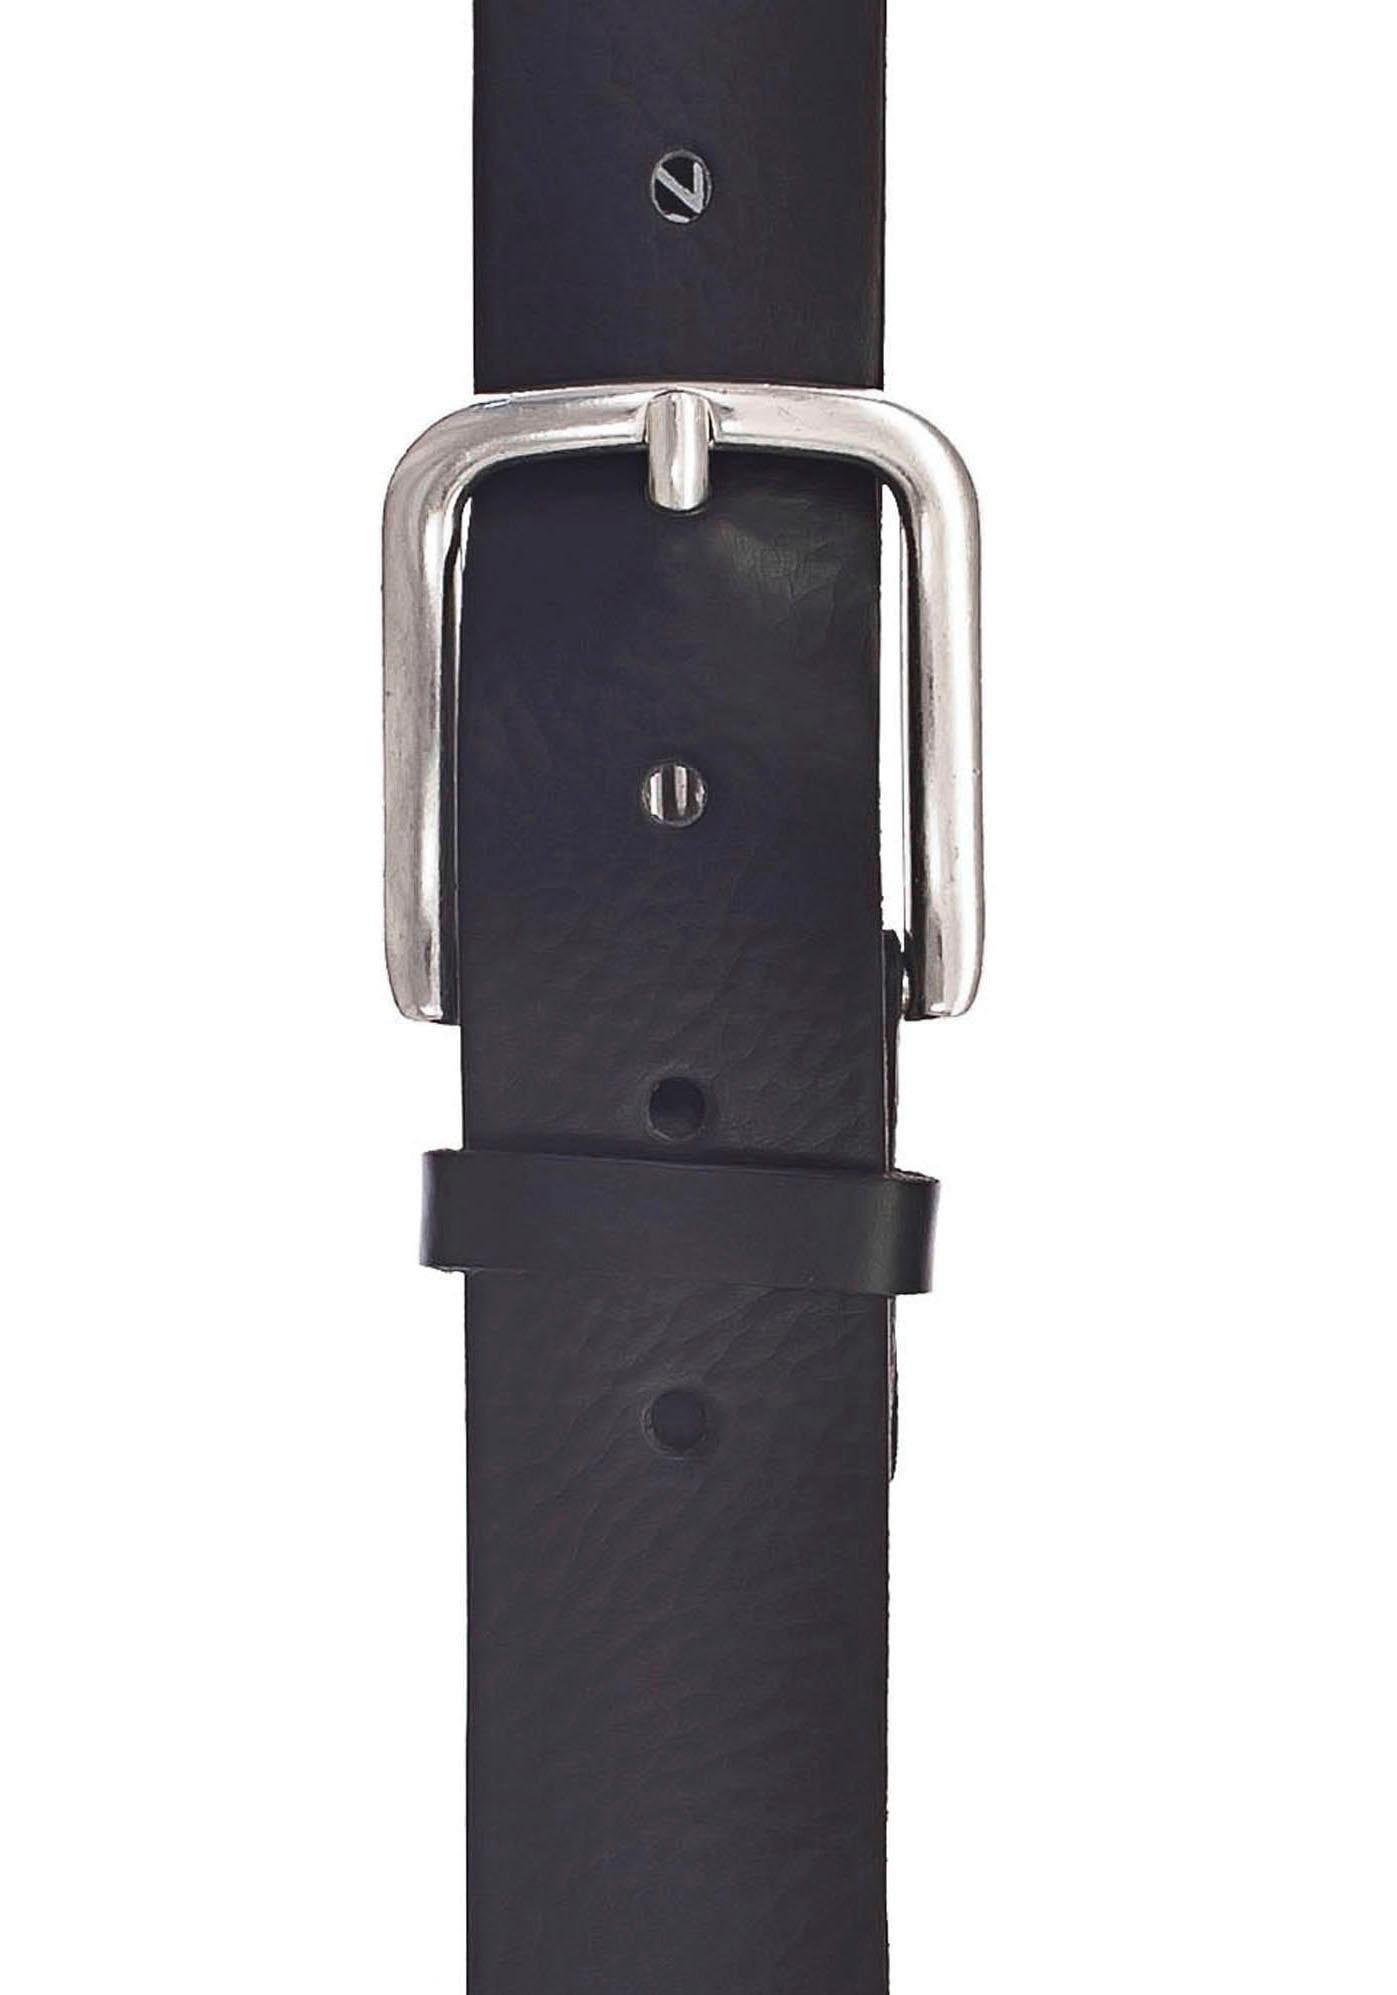 vanzetti ledergrtel Leder Damengürtel in 35 mm fZbSm